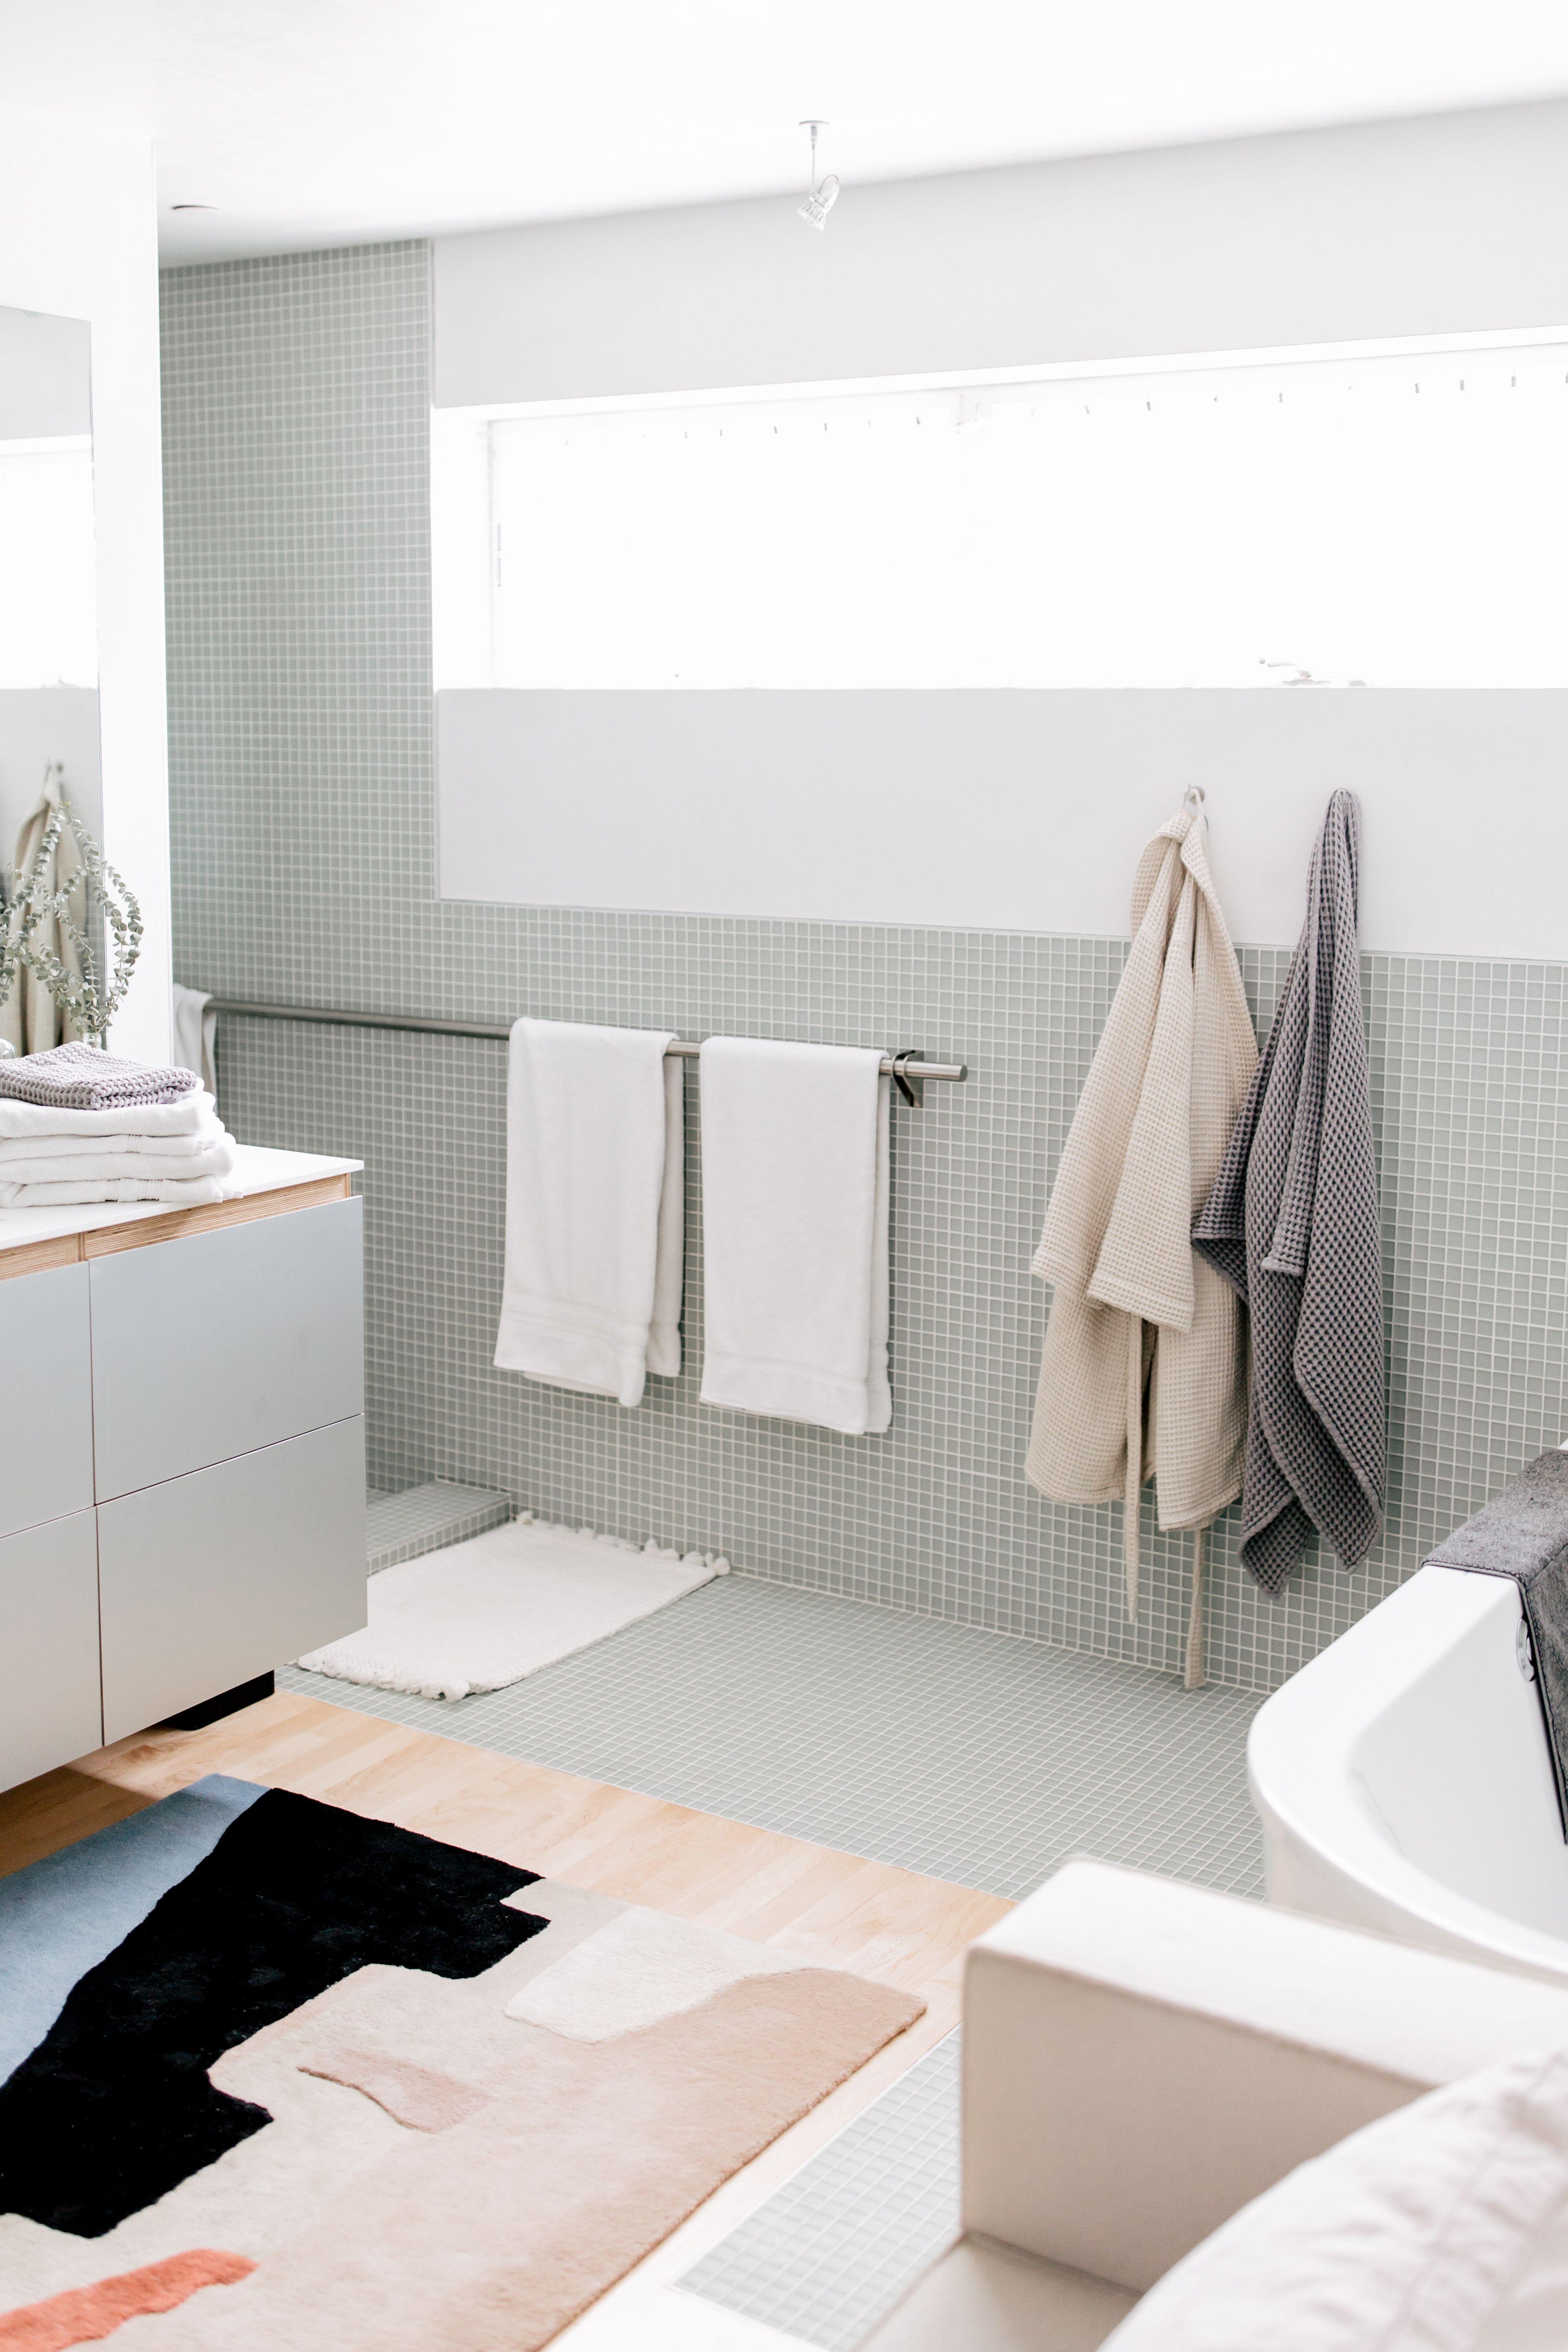 Classic Towels Parachute Classic Towels Bathroom Inspiration Master Bath Remodel